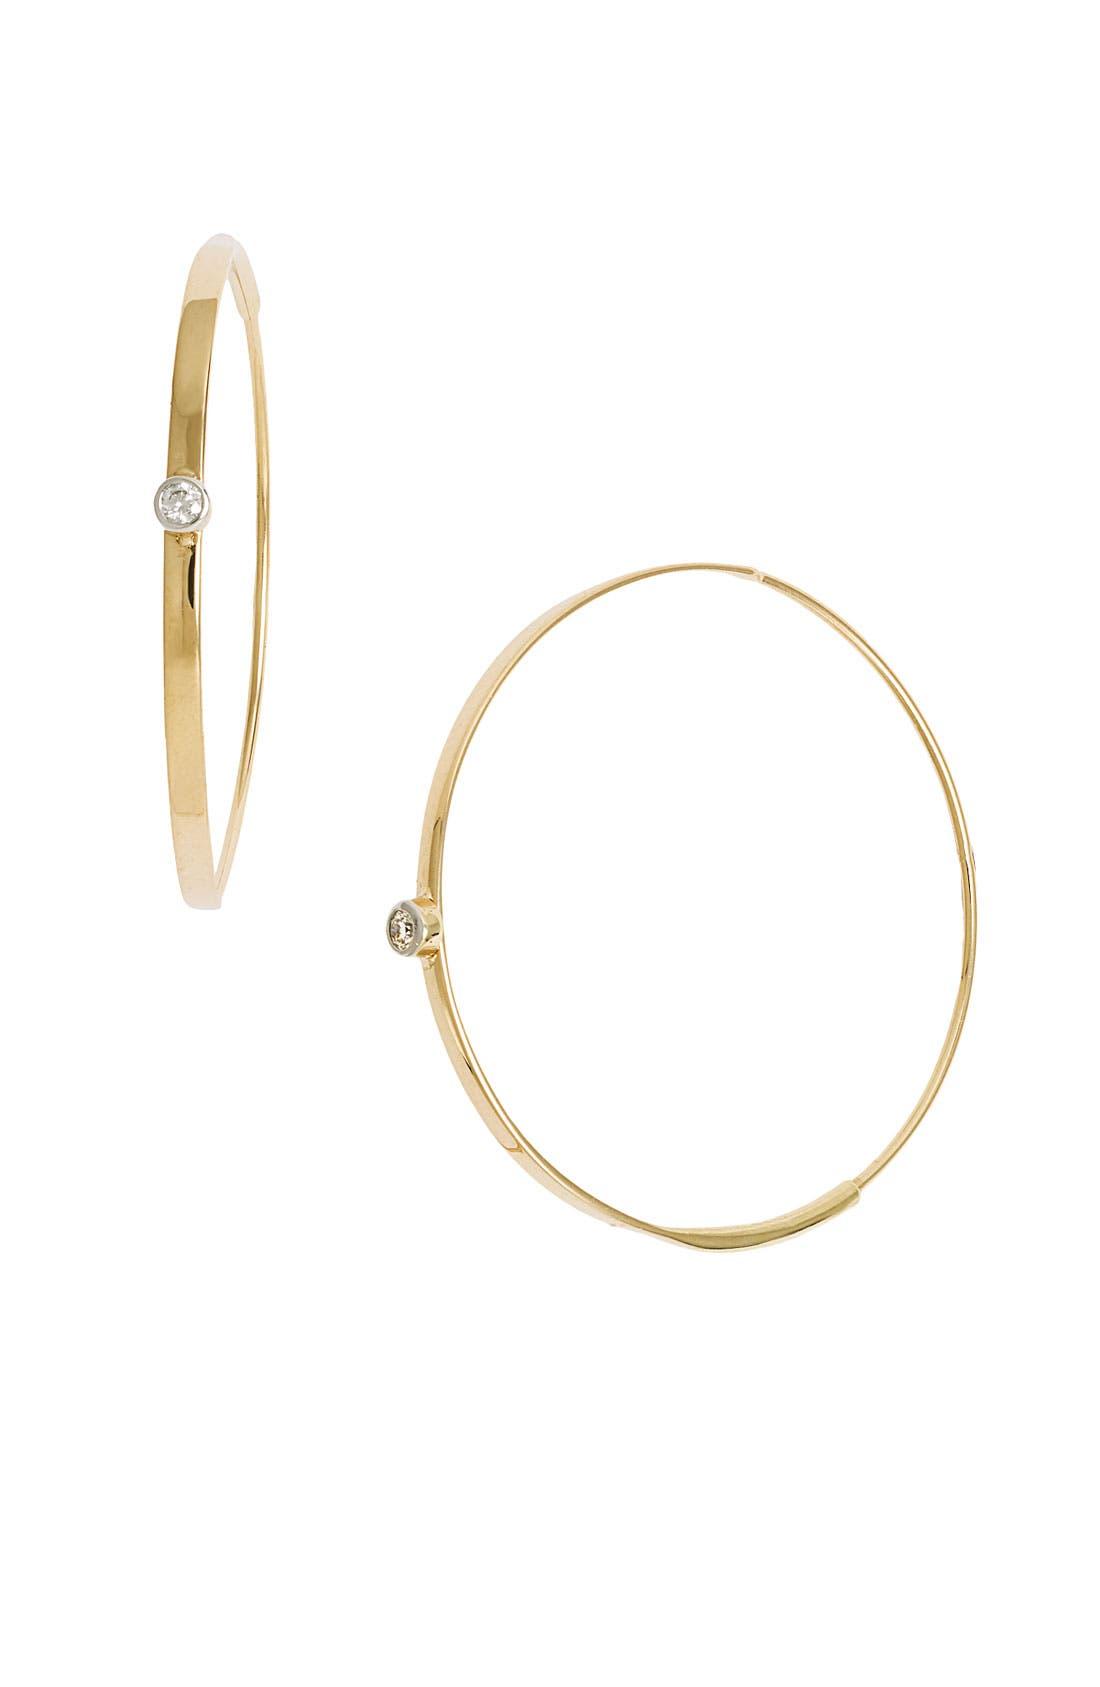 Alternate Image 1 Selected - Lana Jewelry 'Small Flat Magic' Diamond Hoop Earrings